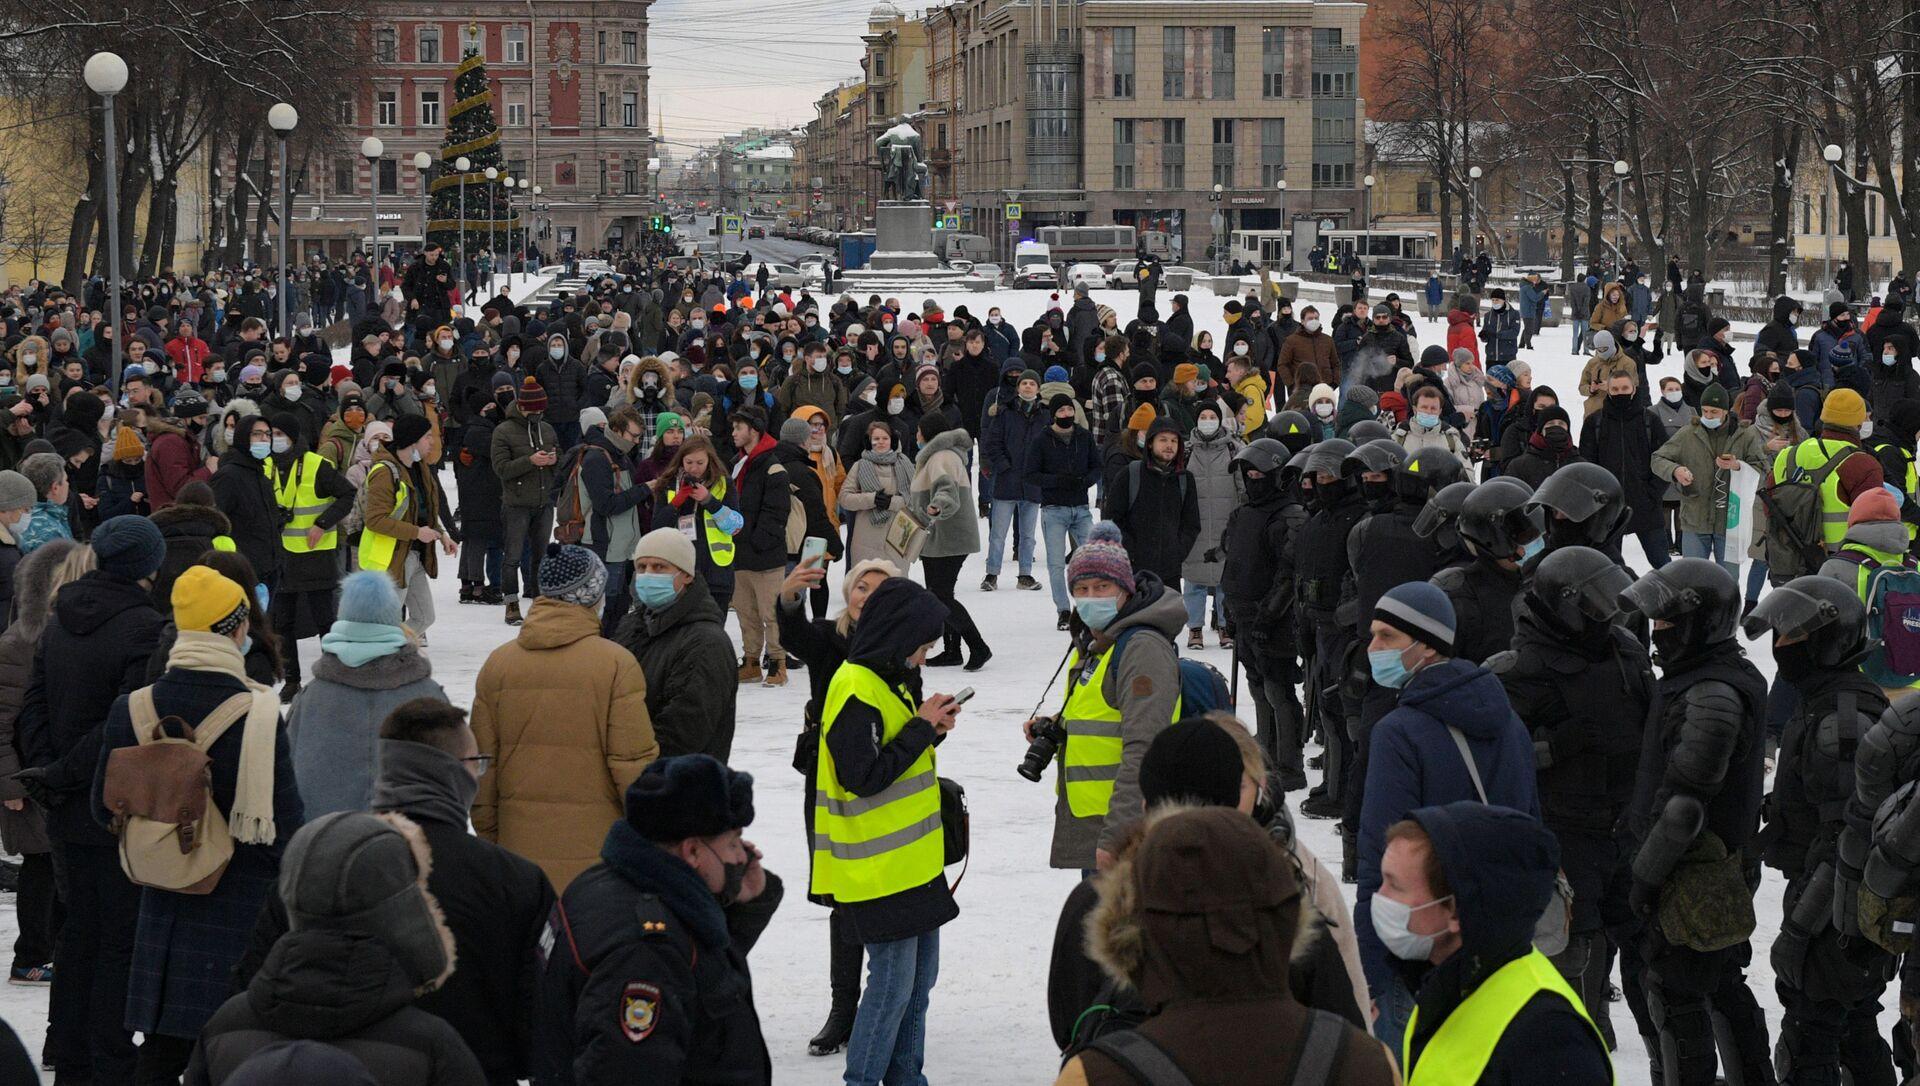 Manifestation non-autorisée en soutien à Navalny à Saint-Pétersbourg, le 31 janvier - Sputnik France, 1920, 01.02.2021